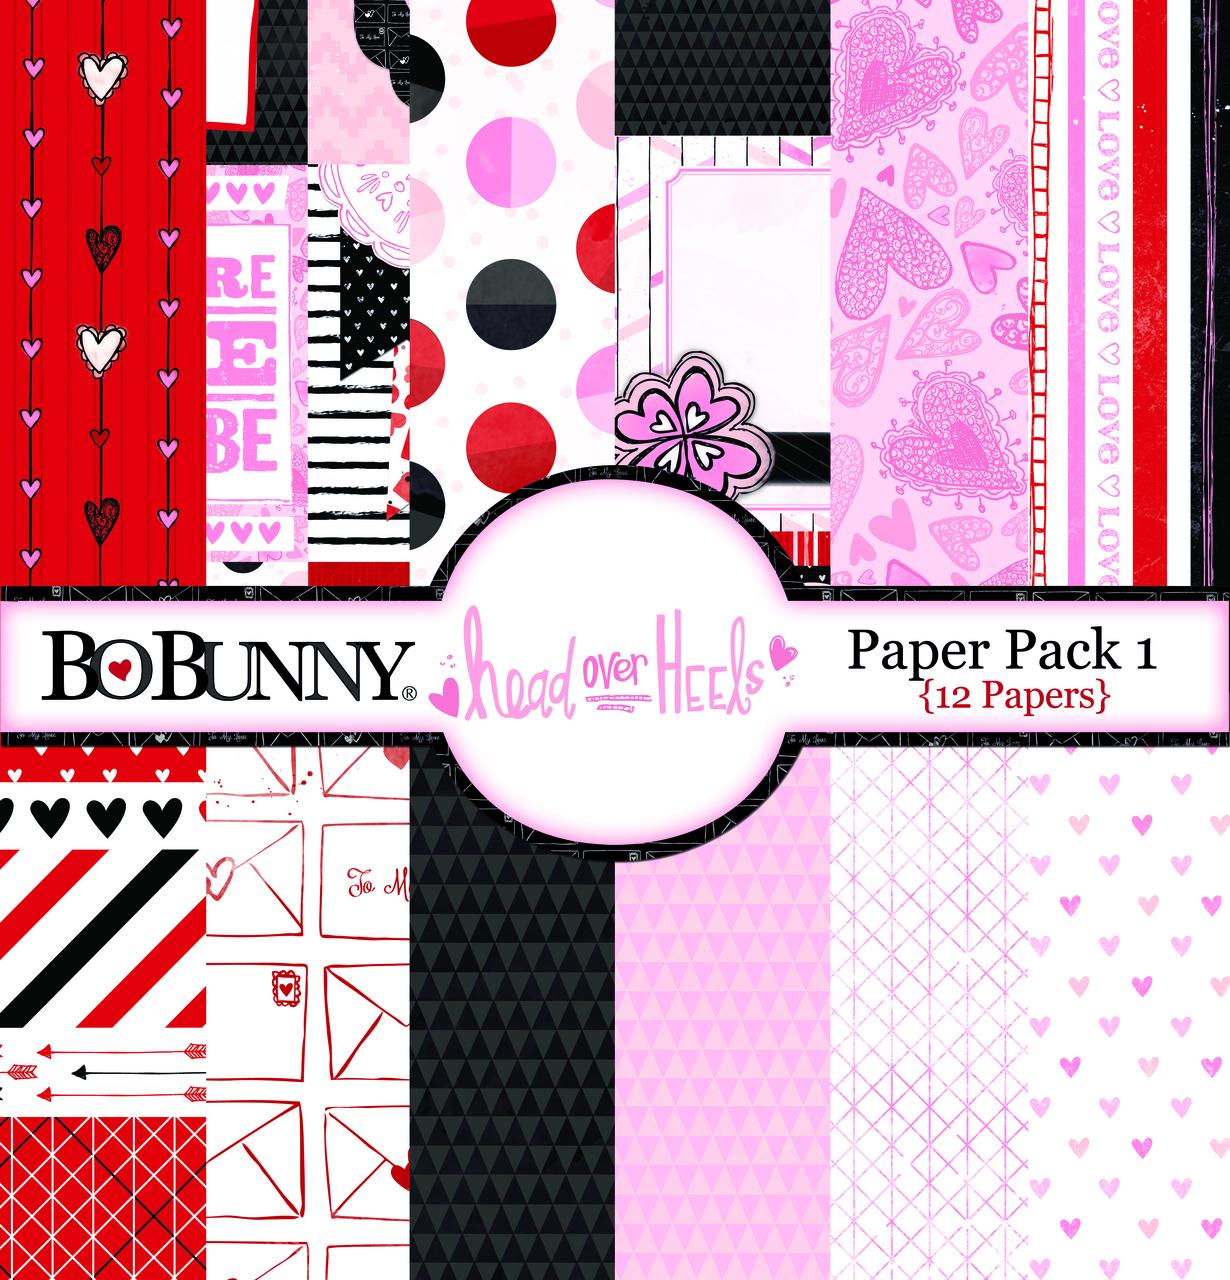 Head Over Heels Paper Pack 1